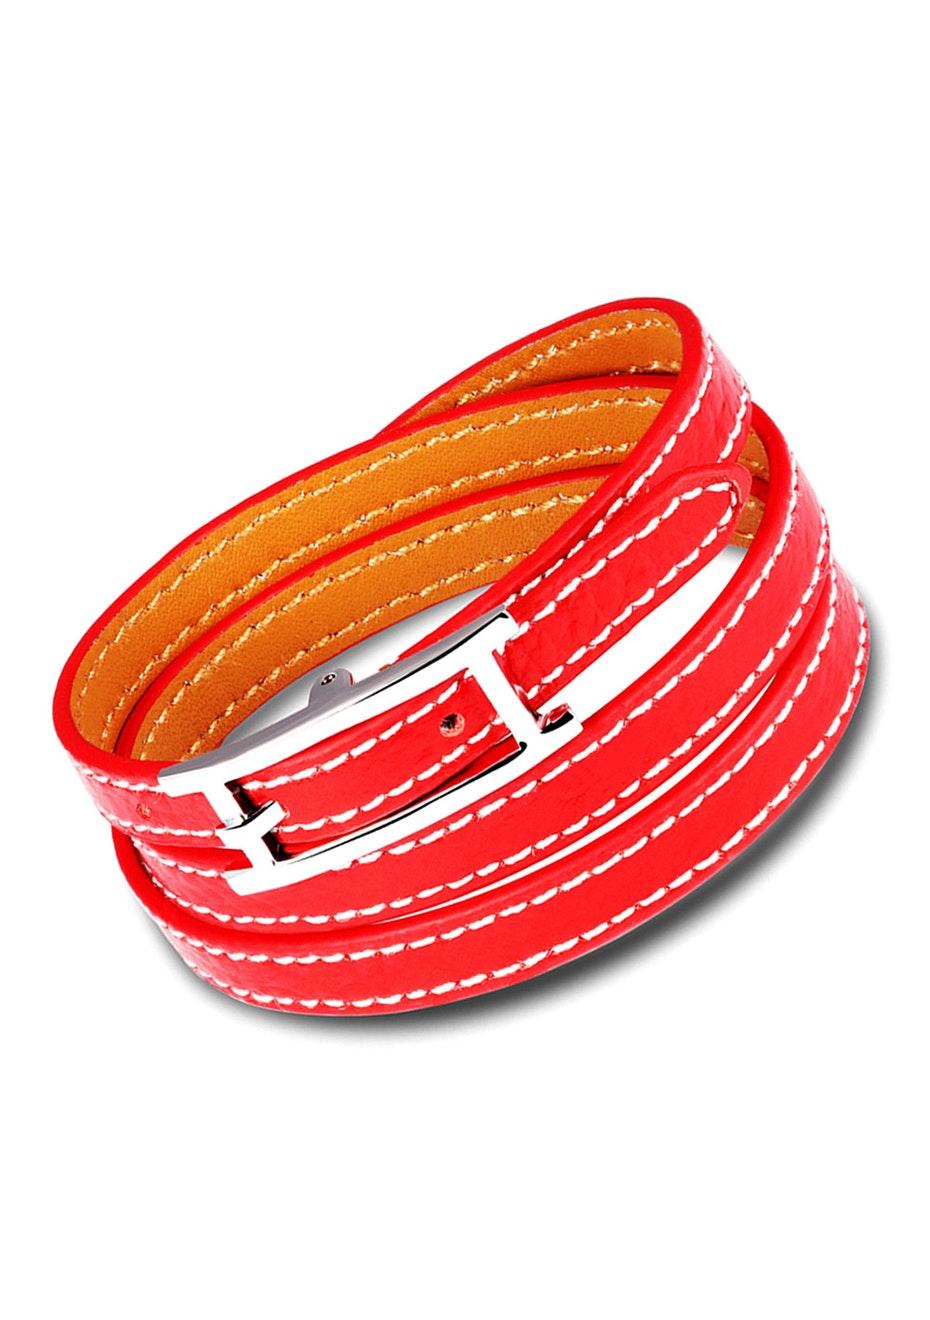 Genuine Leather Wrap Bracelet | Red